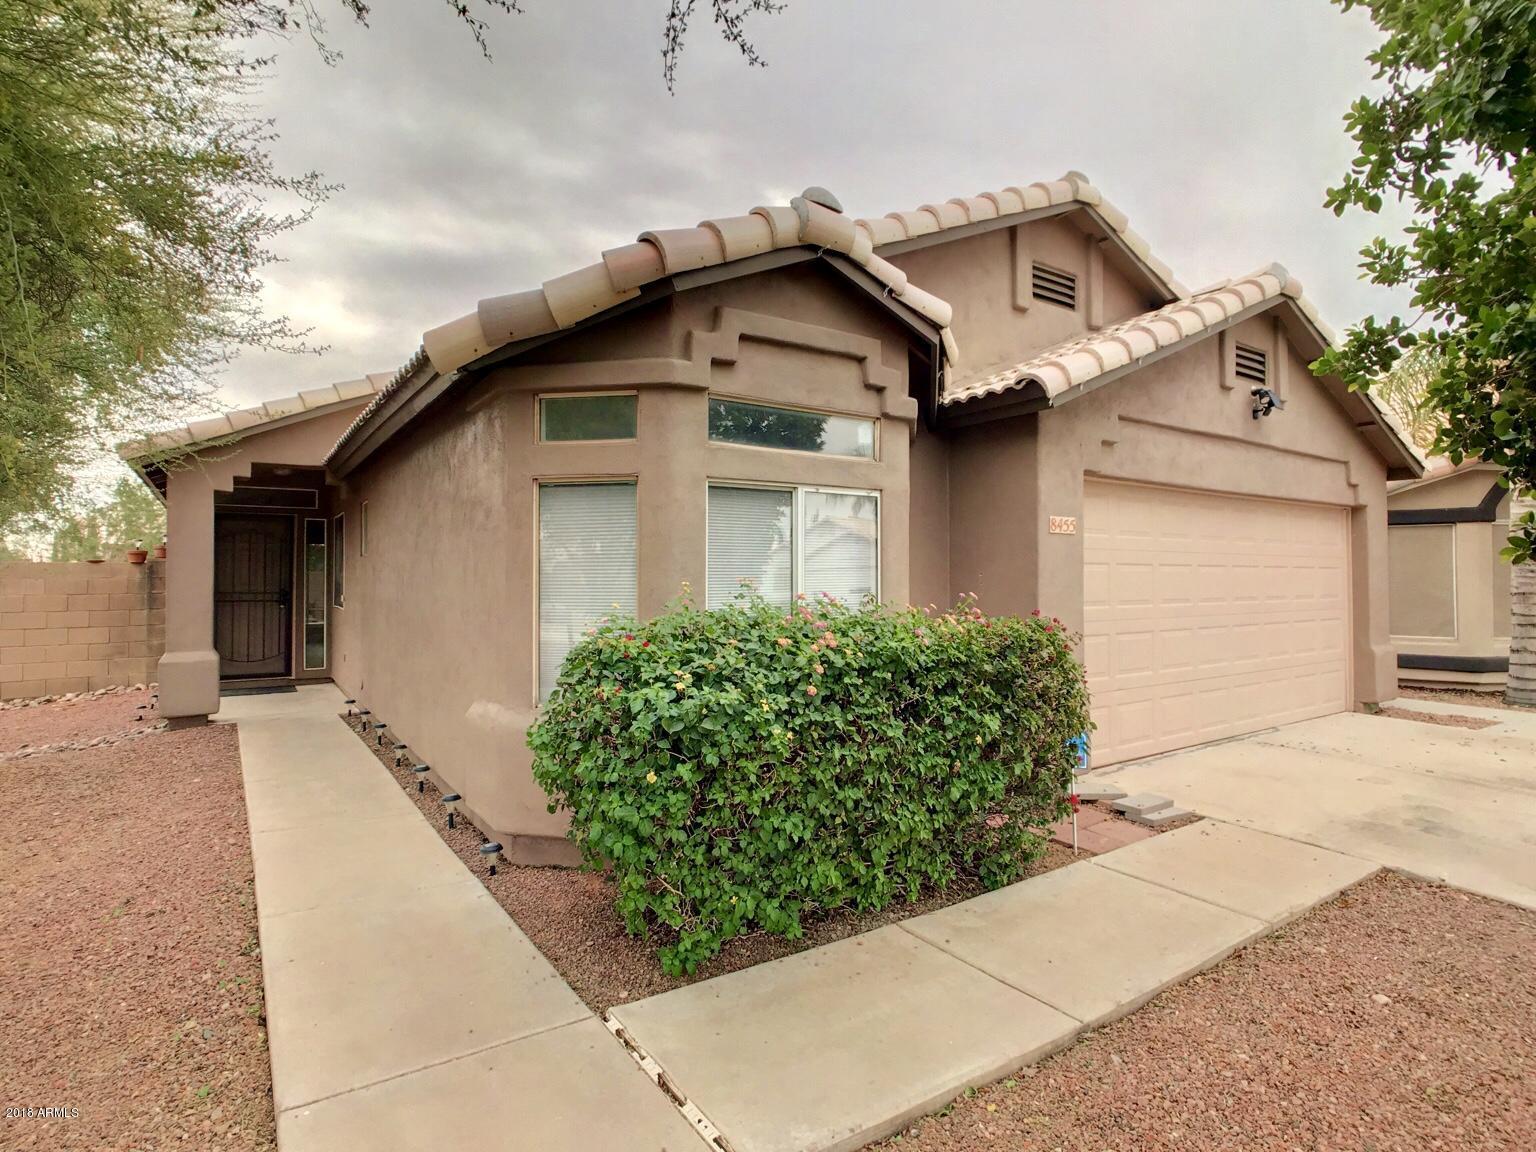 8455 W AUDREY LANE, PEORIA, AZ 85382